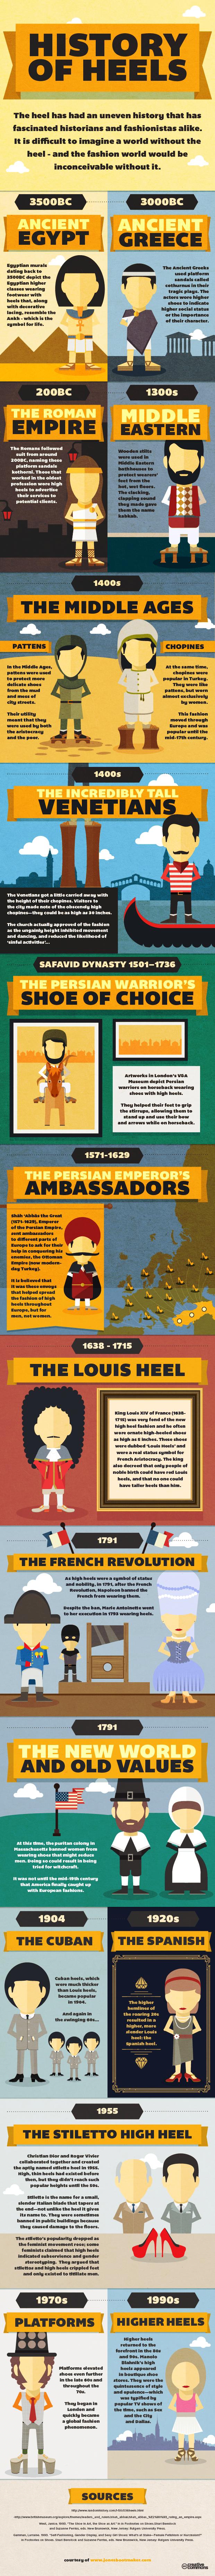 Jones Bootmaker - History of Heels Inforgraphic